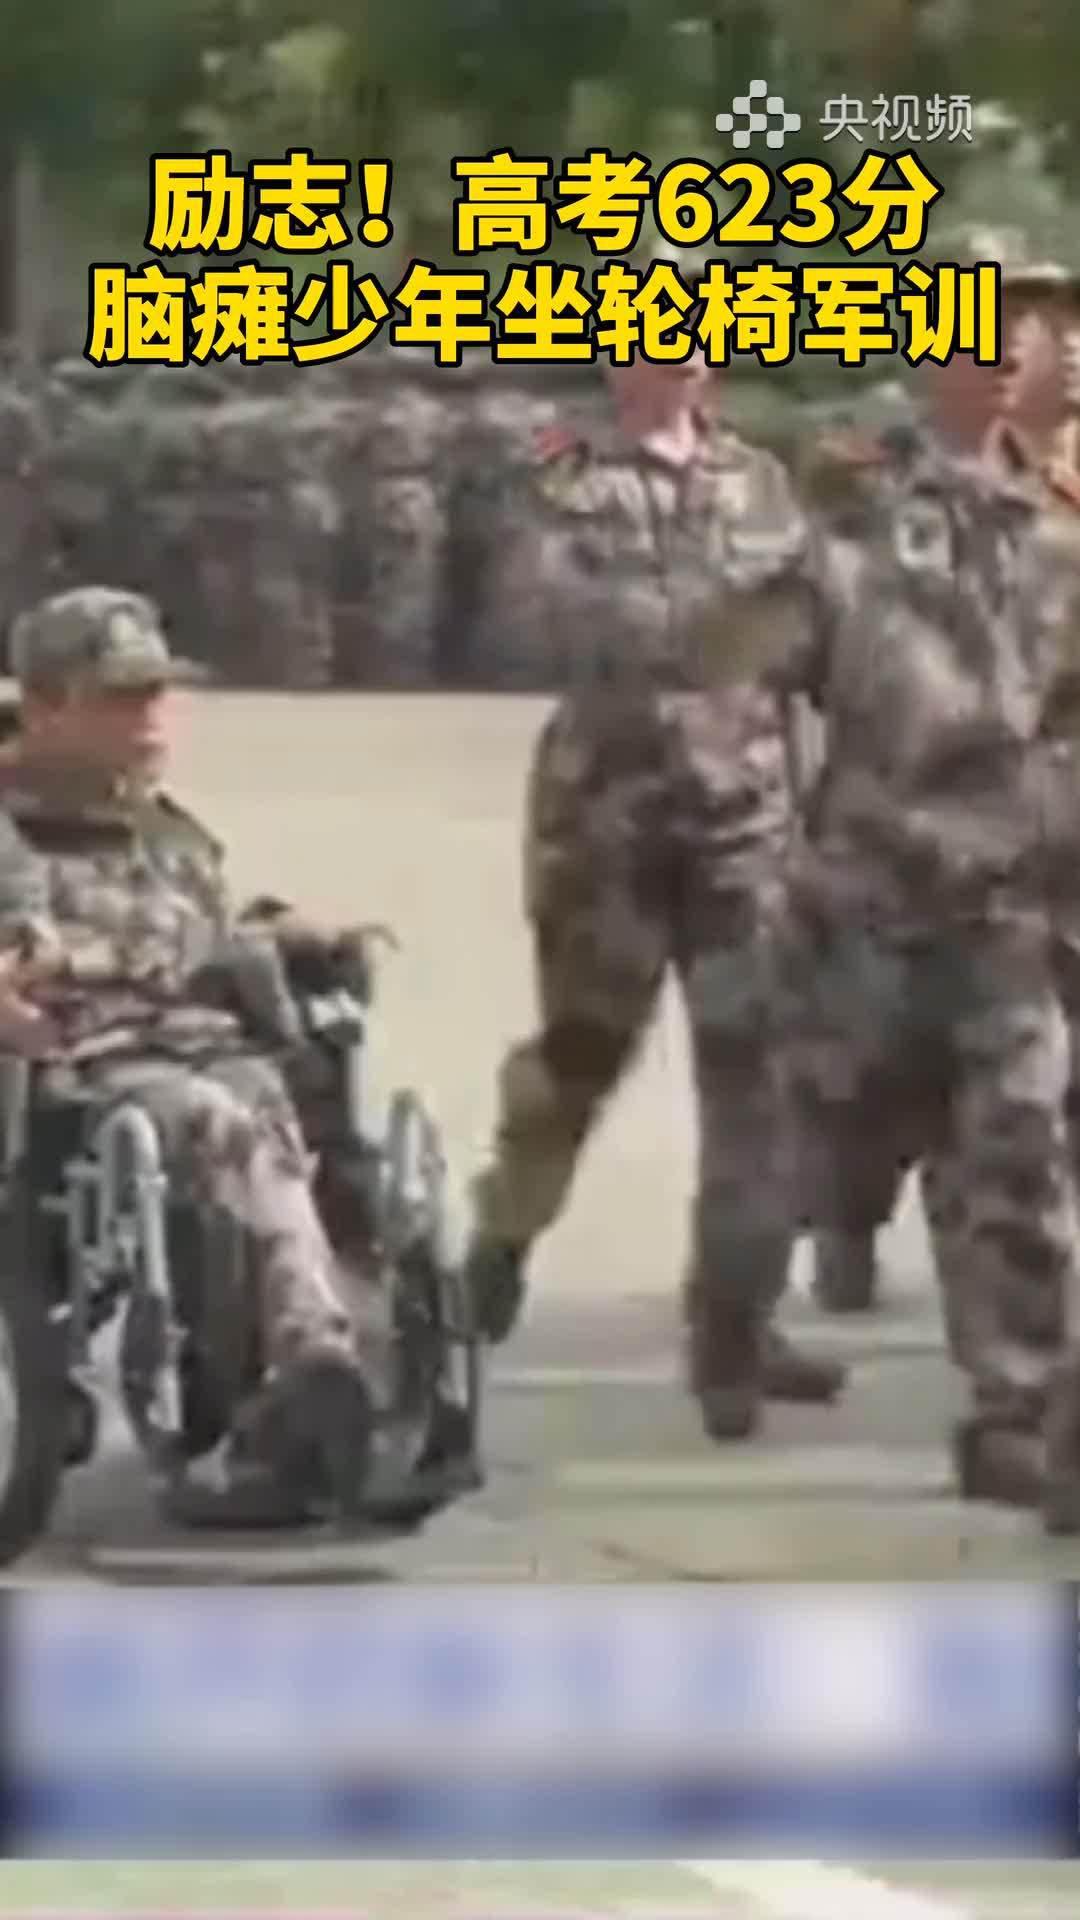 少年当自强!高考623分脑瘫少年坐轮椅军训